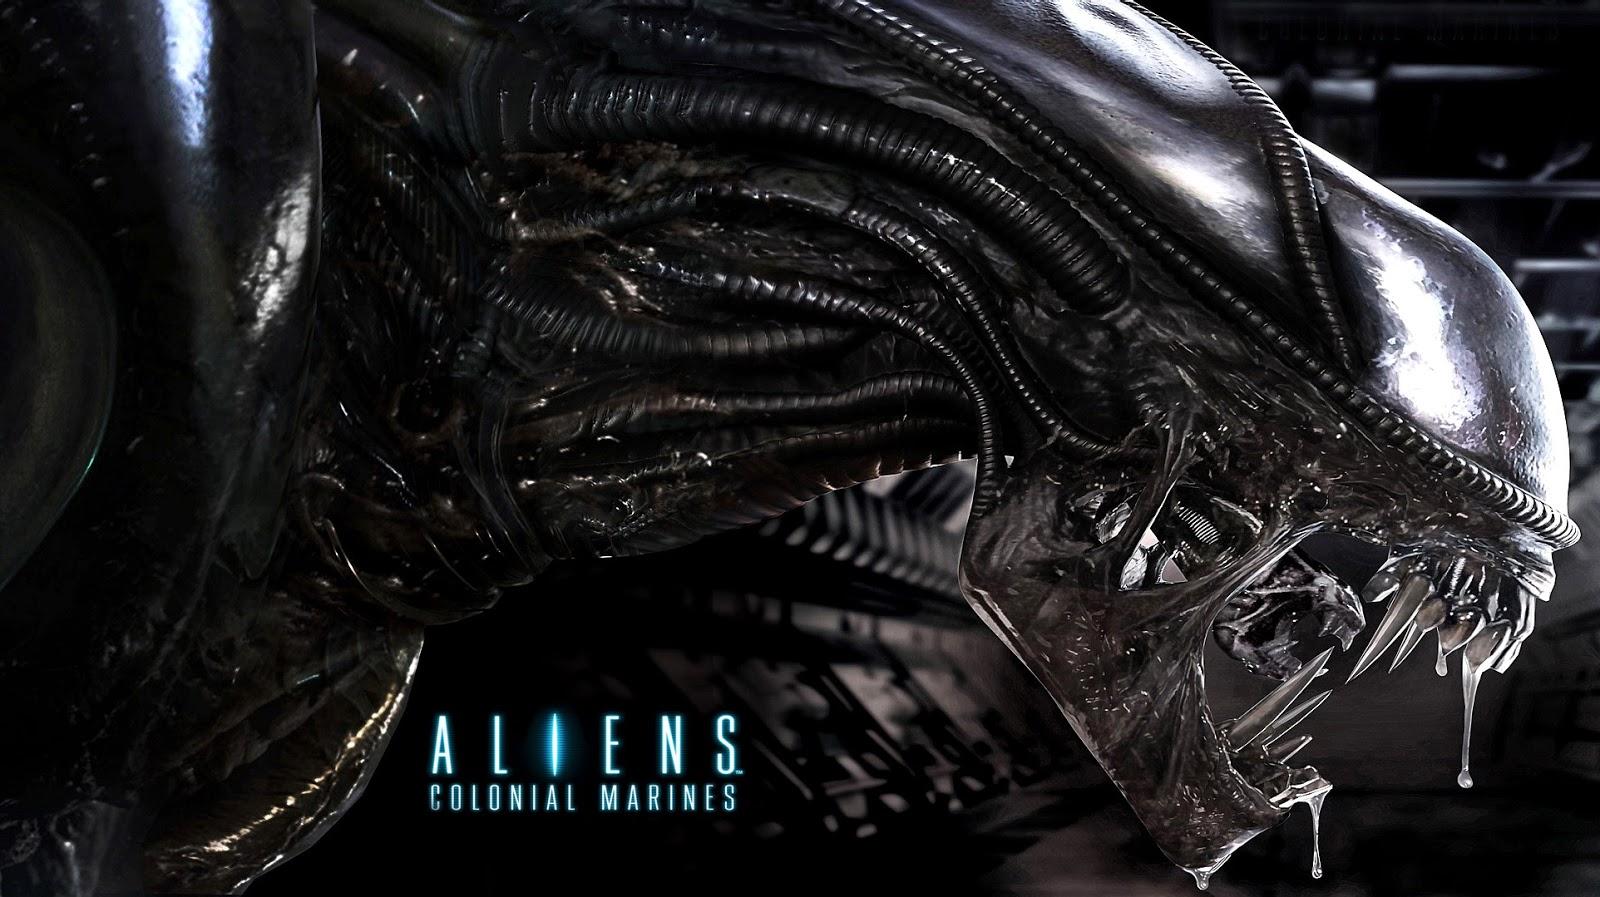 aliens movie - photo #25